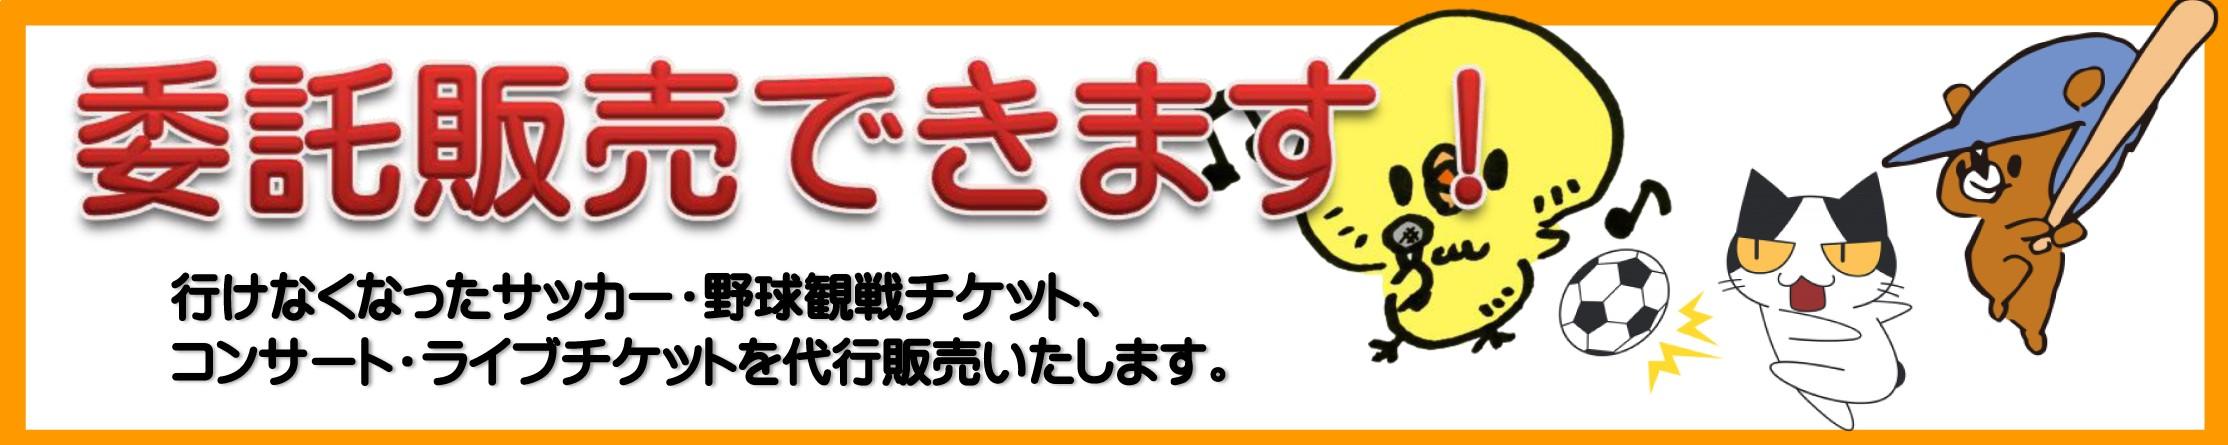 豊橋金券ショップフリーチケット|委託販売